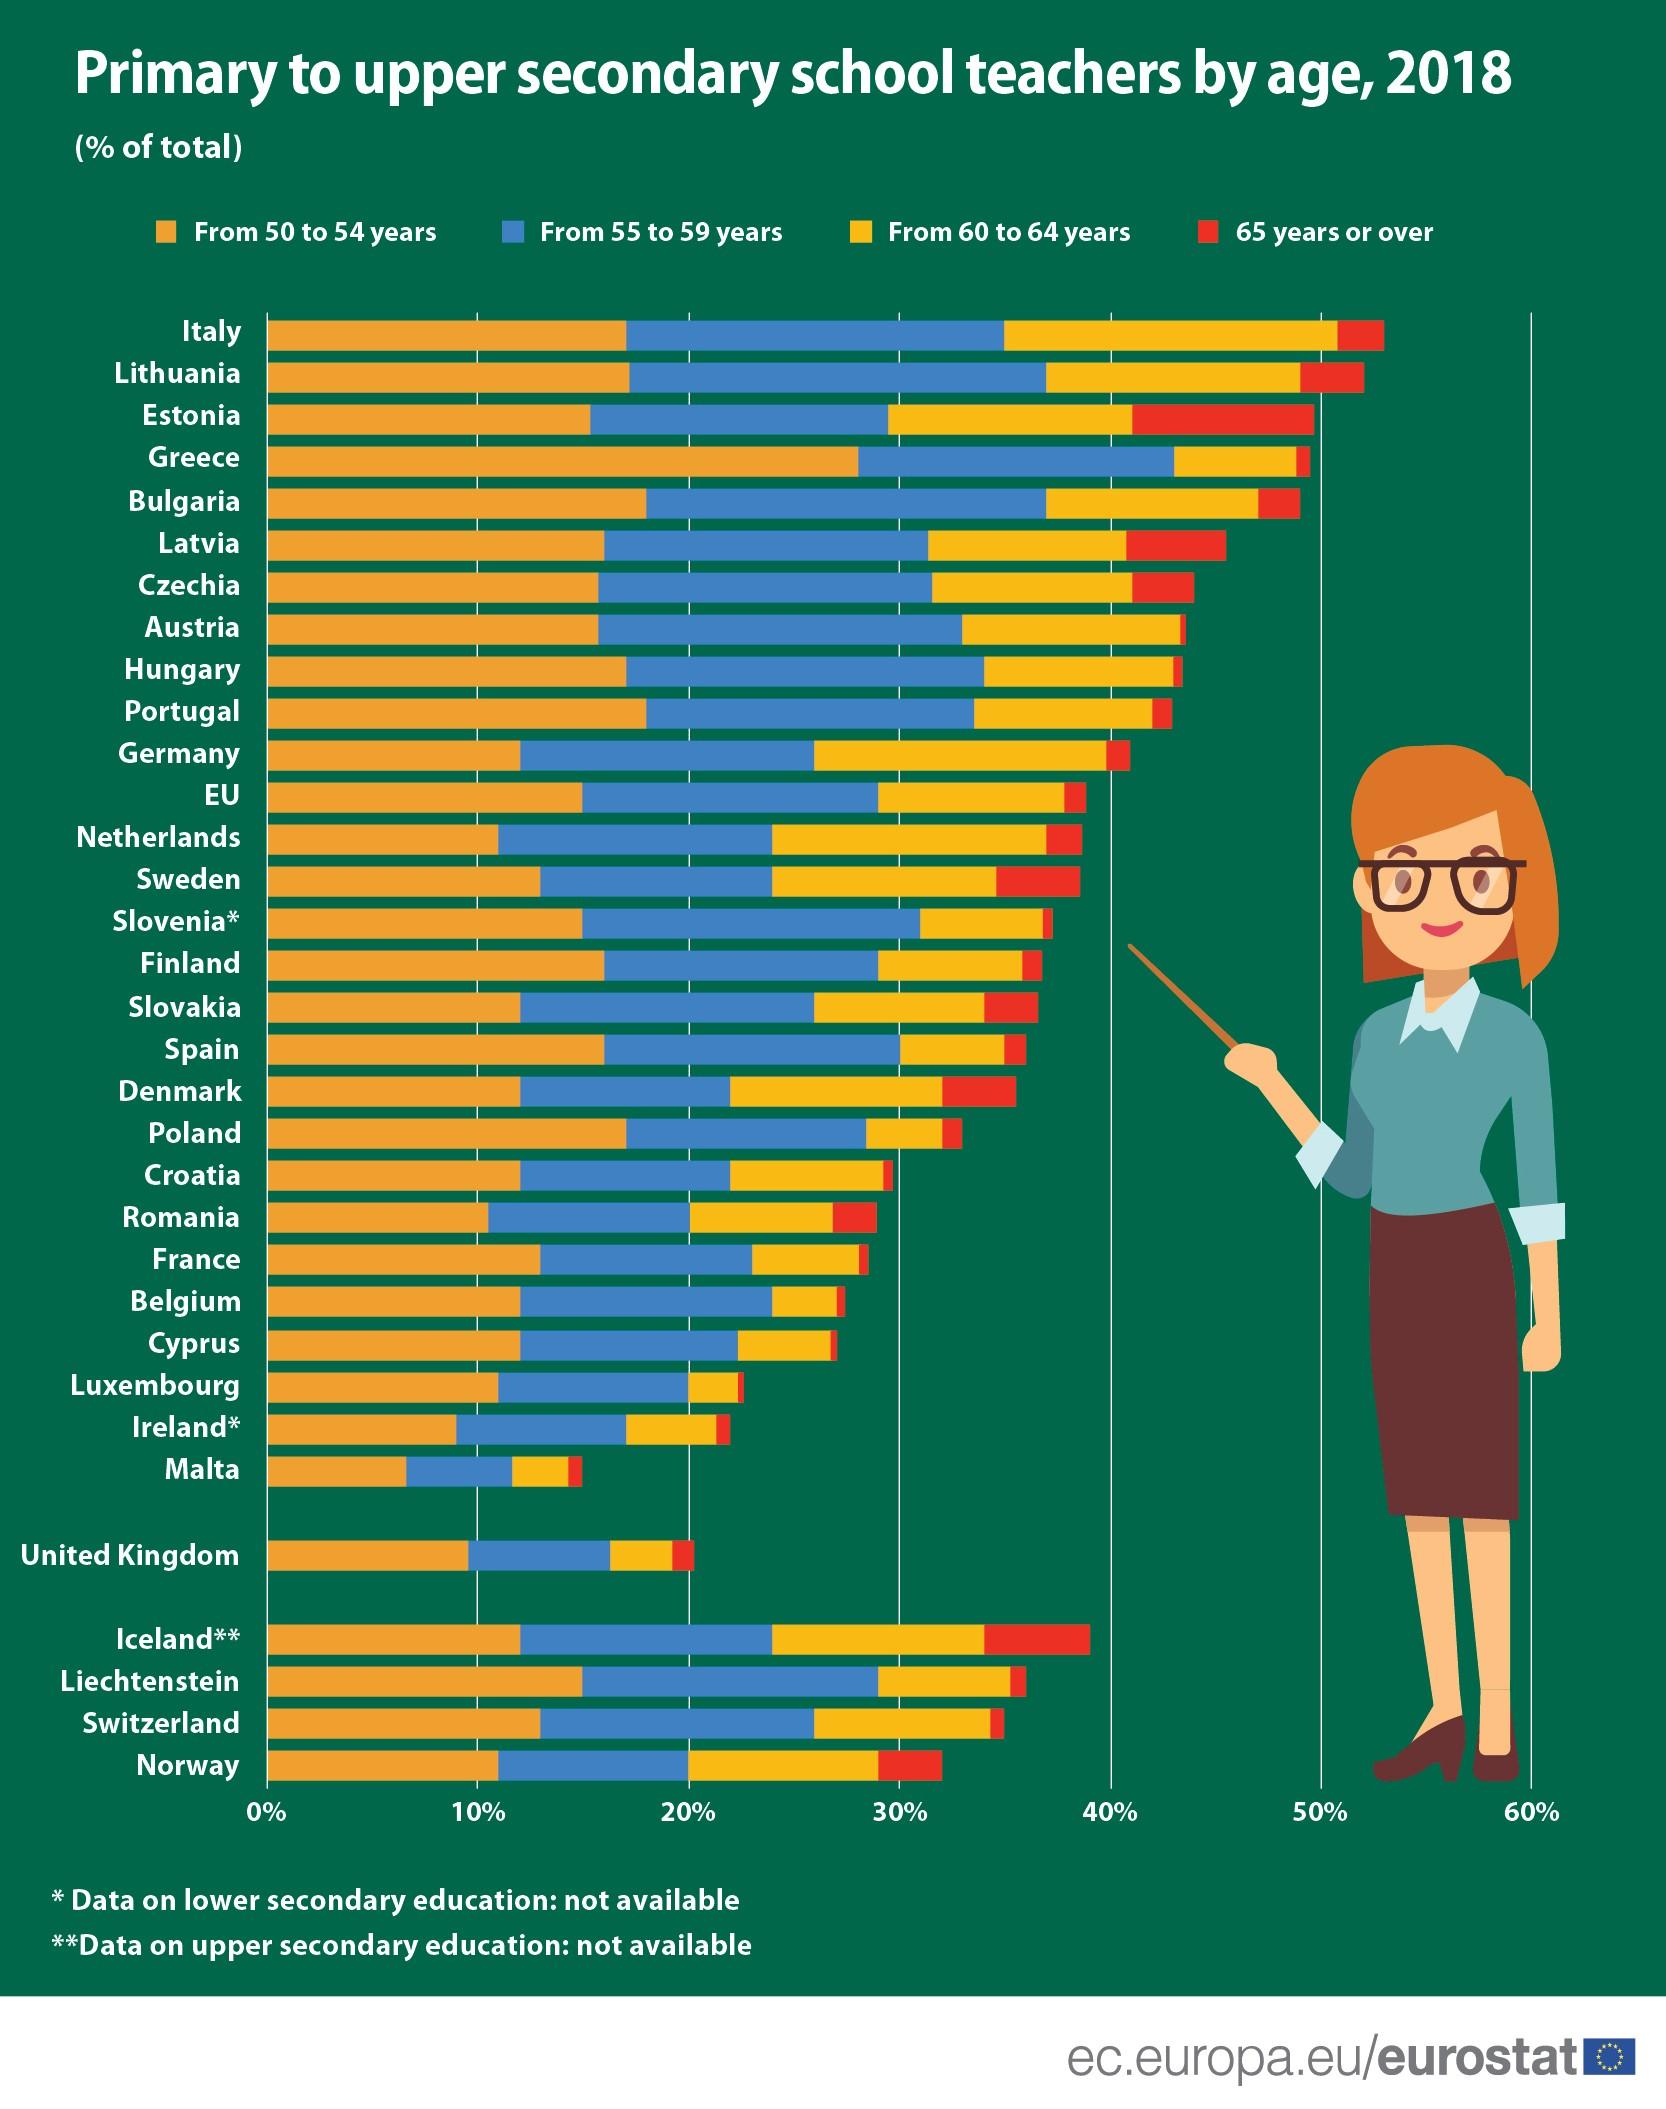 School teachers by age